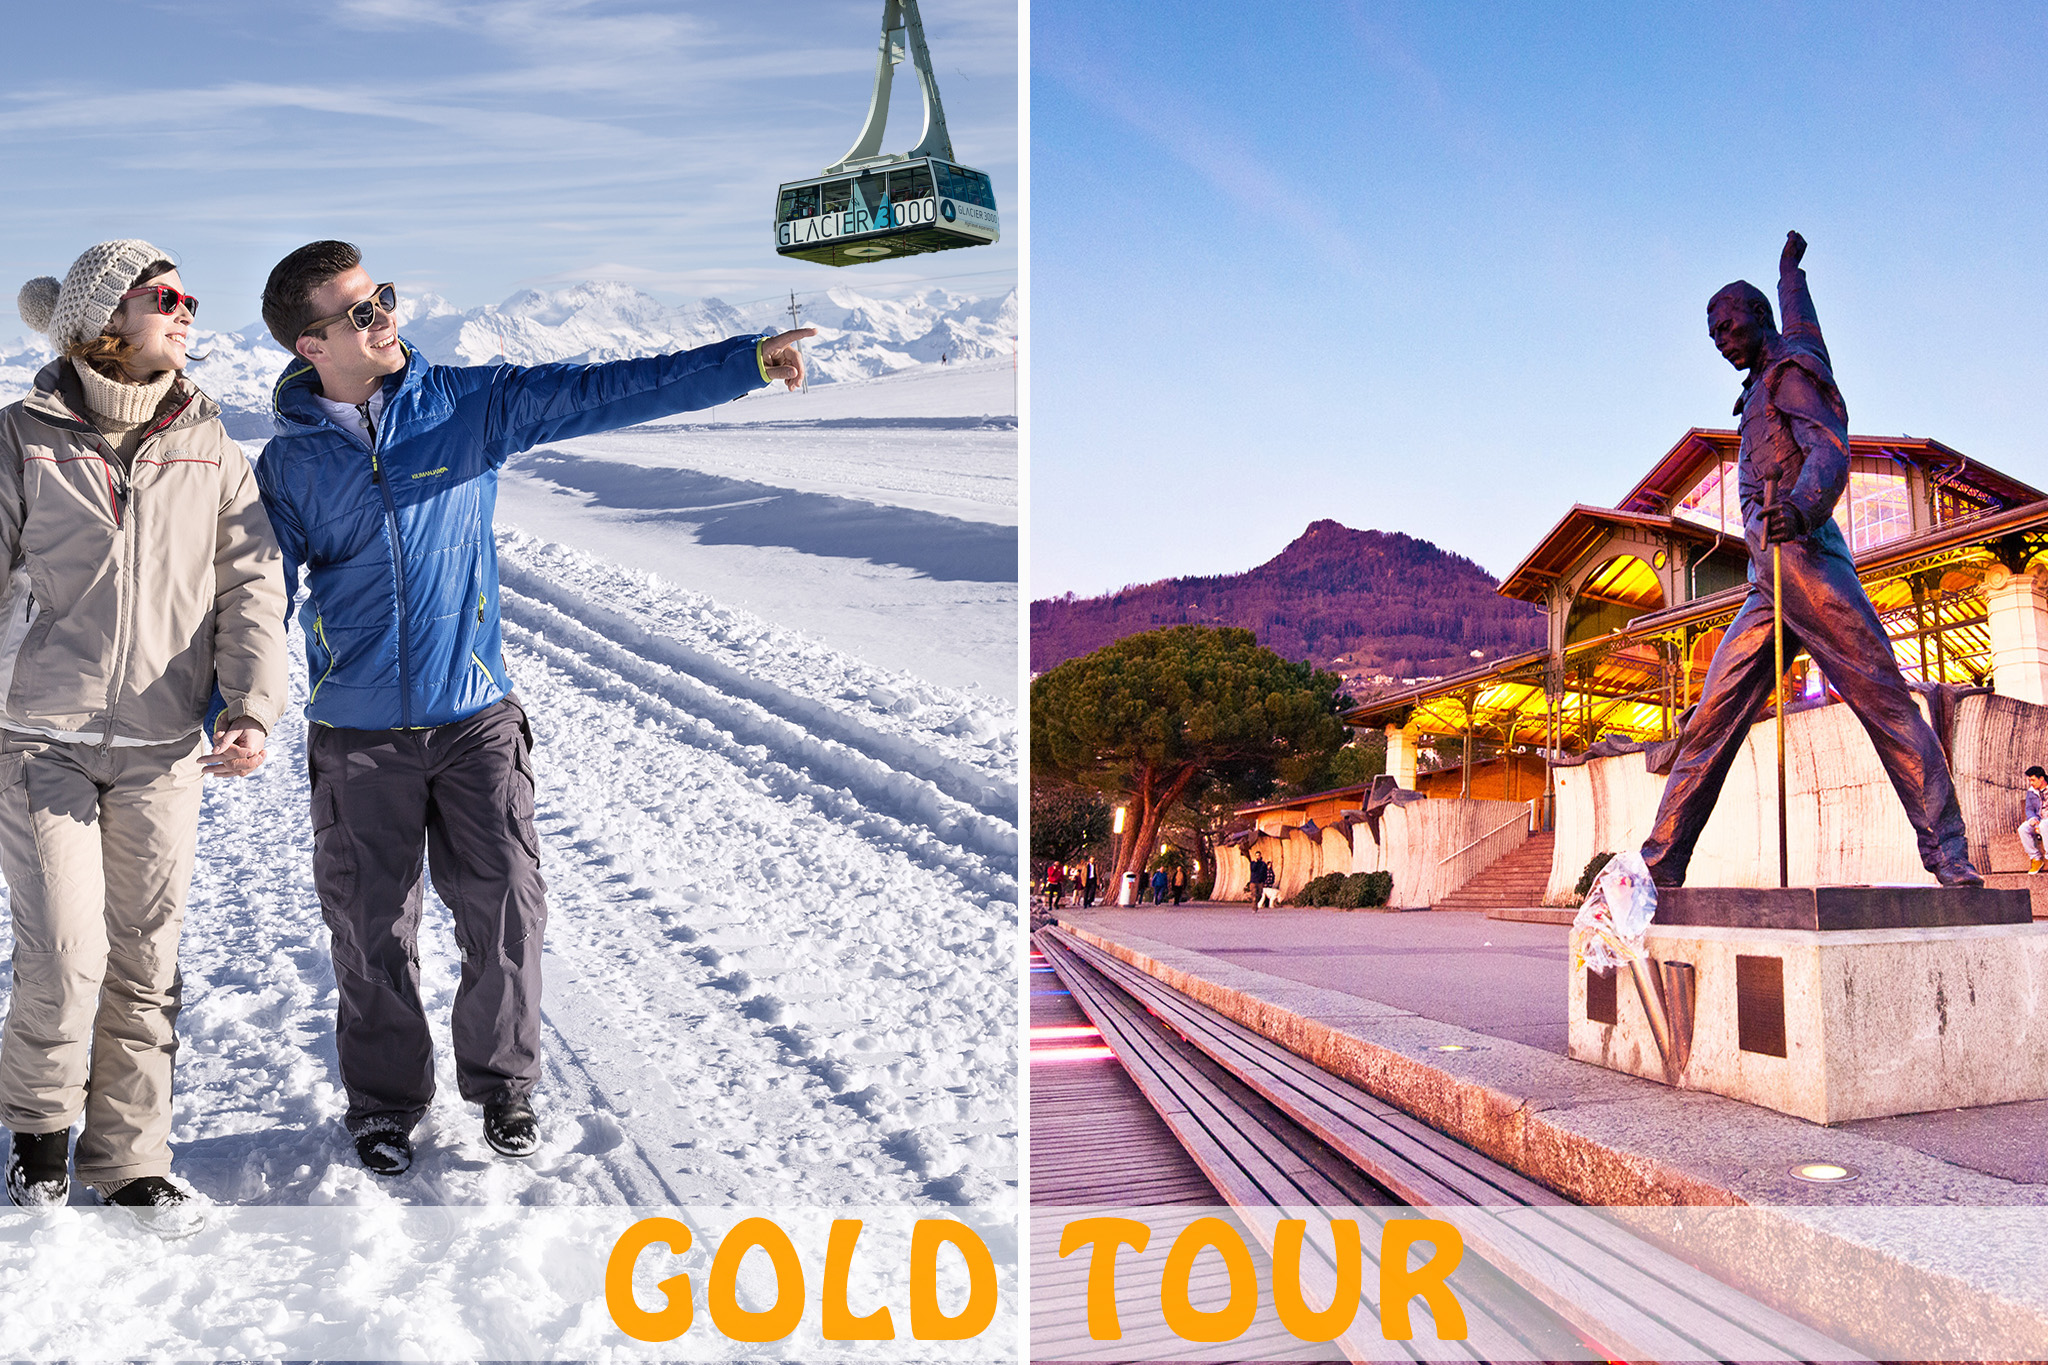 Glacier 3000 Gold